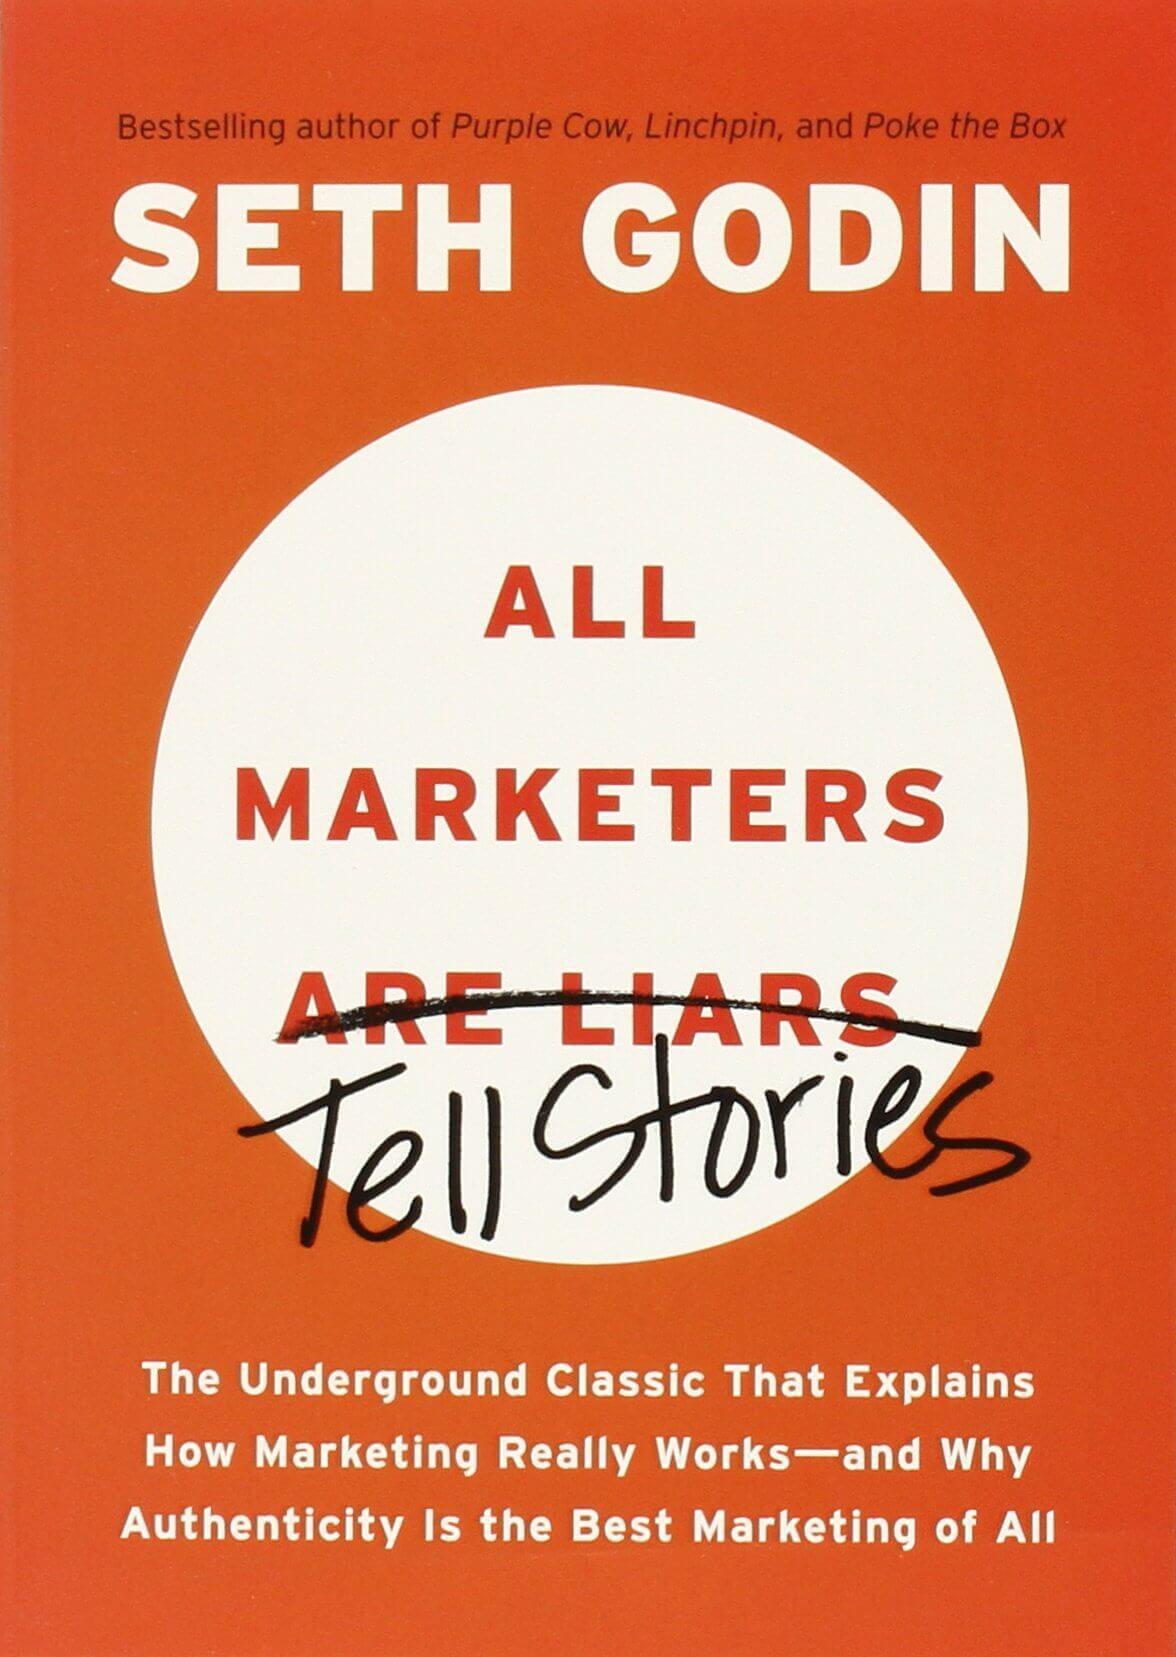 Todos los Marketeros son Mentirosos - Seth Godin